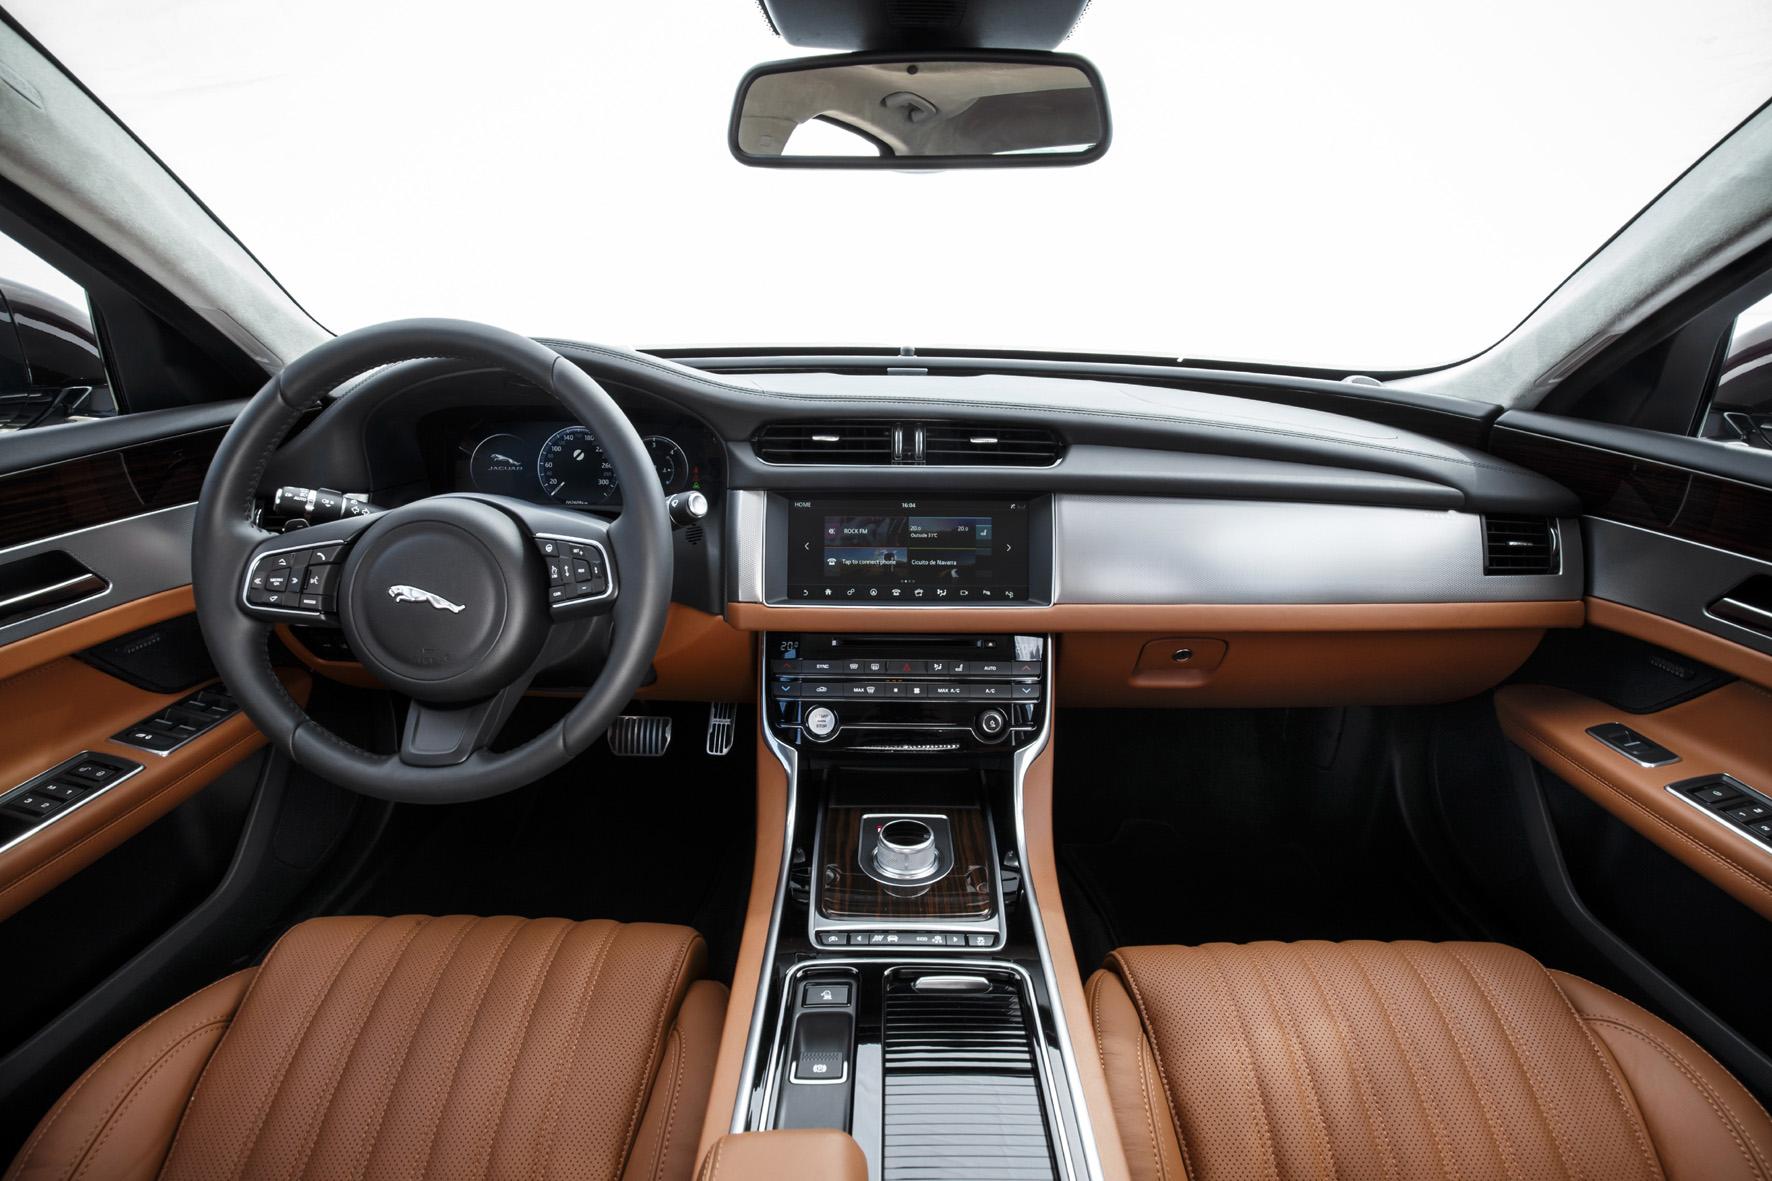 Alles gut im Griff hat der Fahrer an seinem Arbeitsplatz. Aber es gibt viele Tasten für etliche Funktionen, ein neuer 8-Zoll-Touchscreen soll die Arbeit erleichtern.